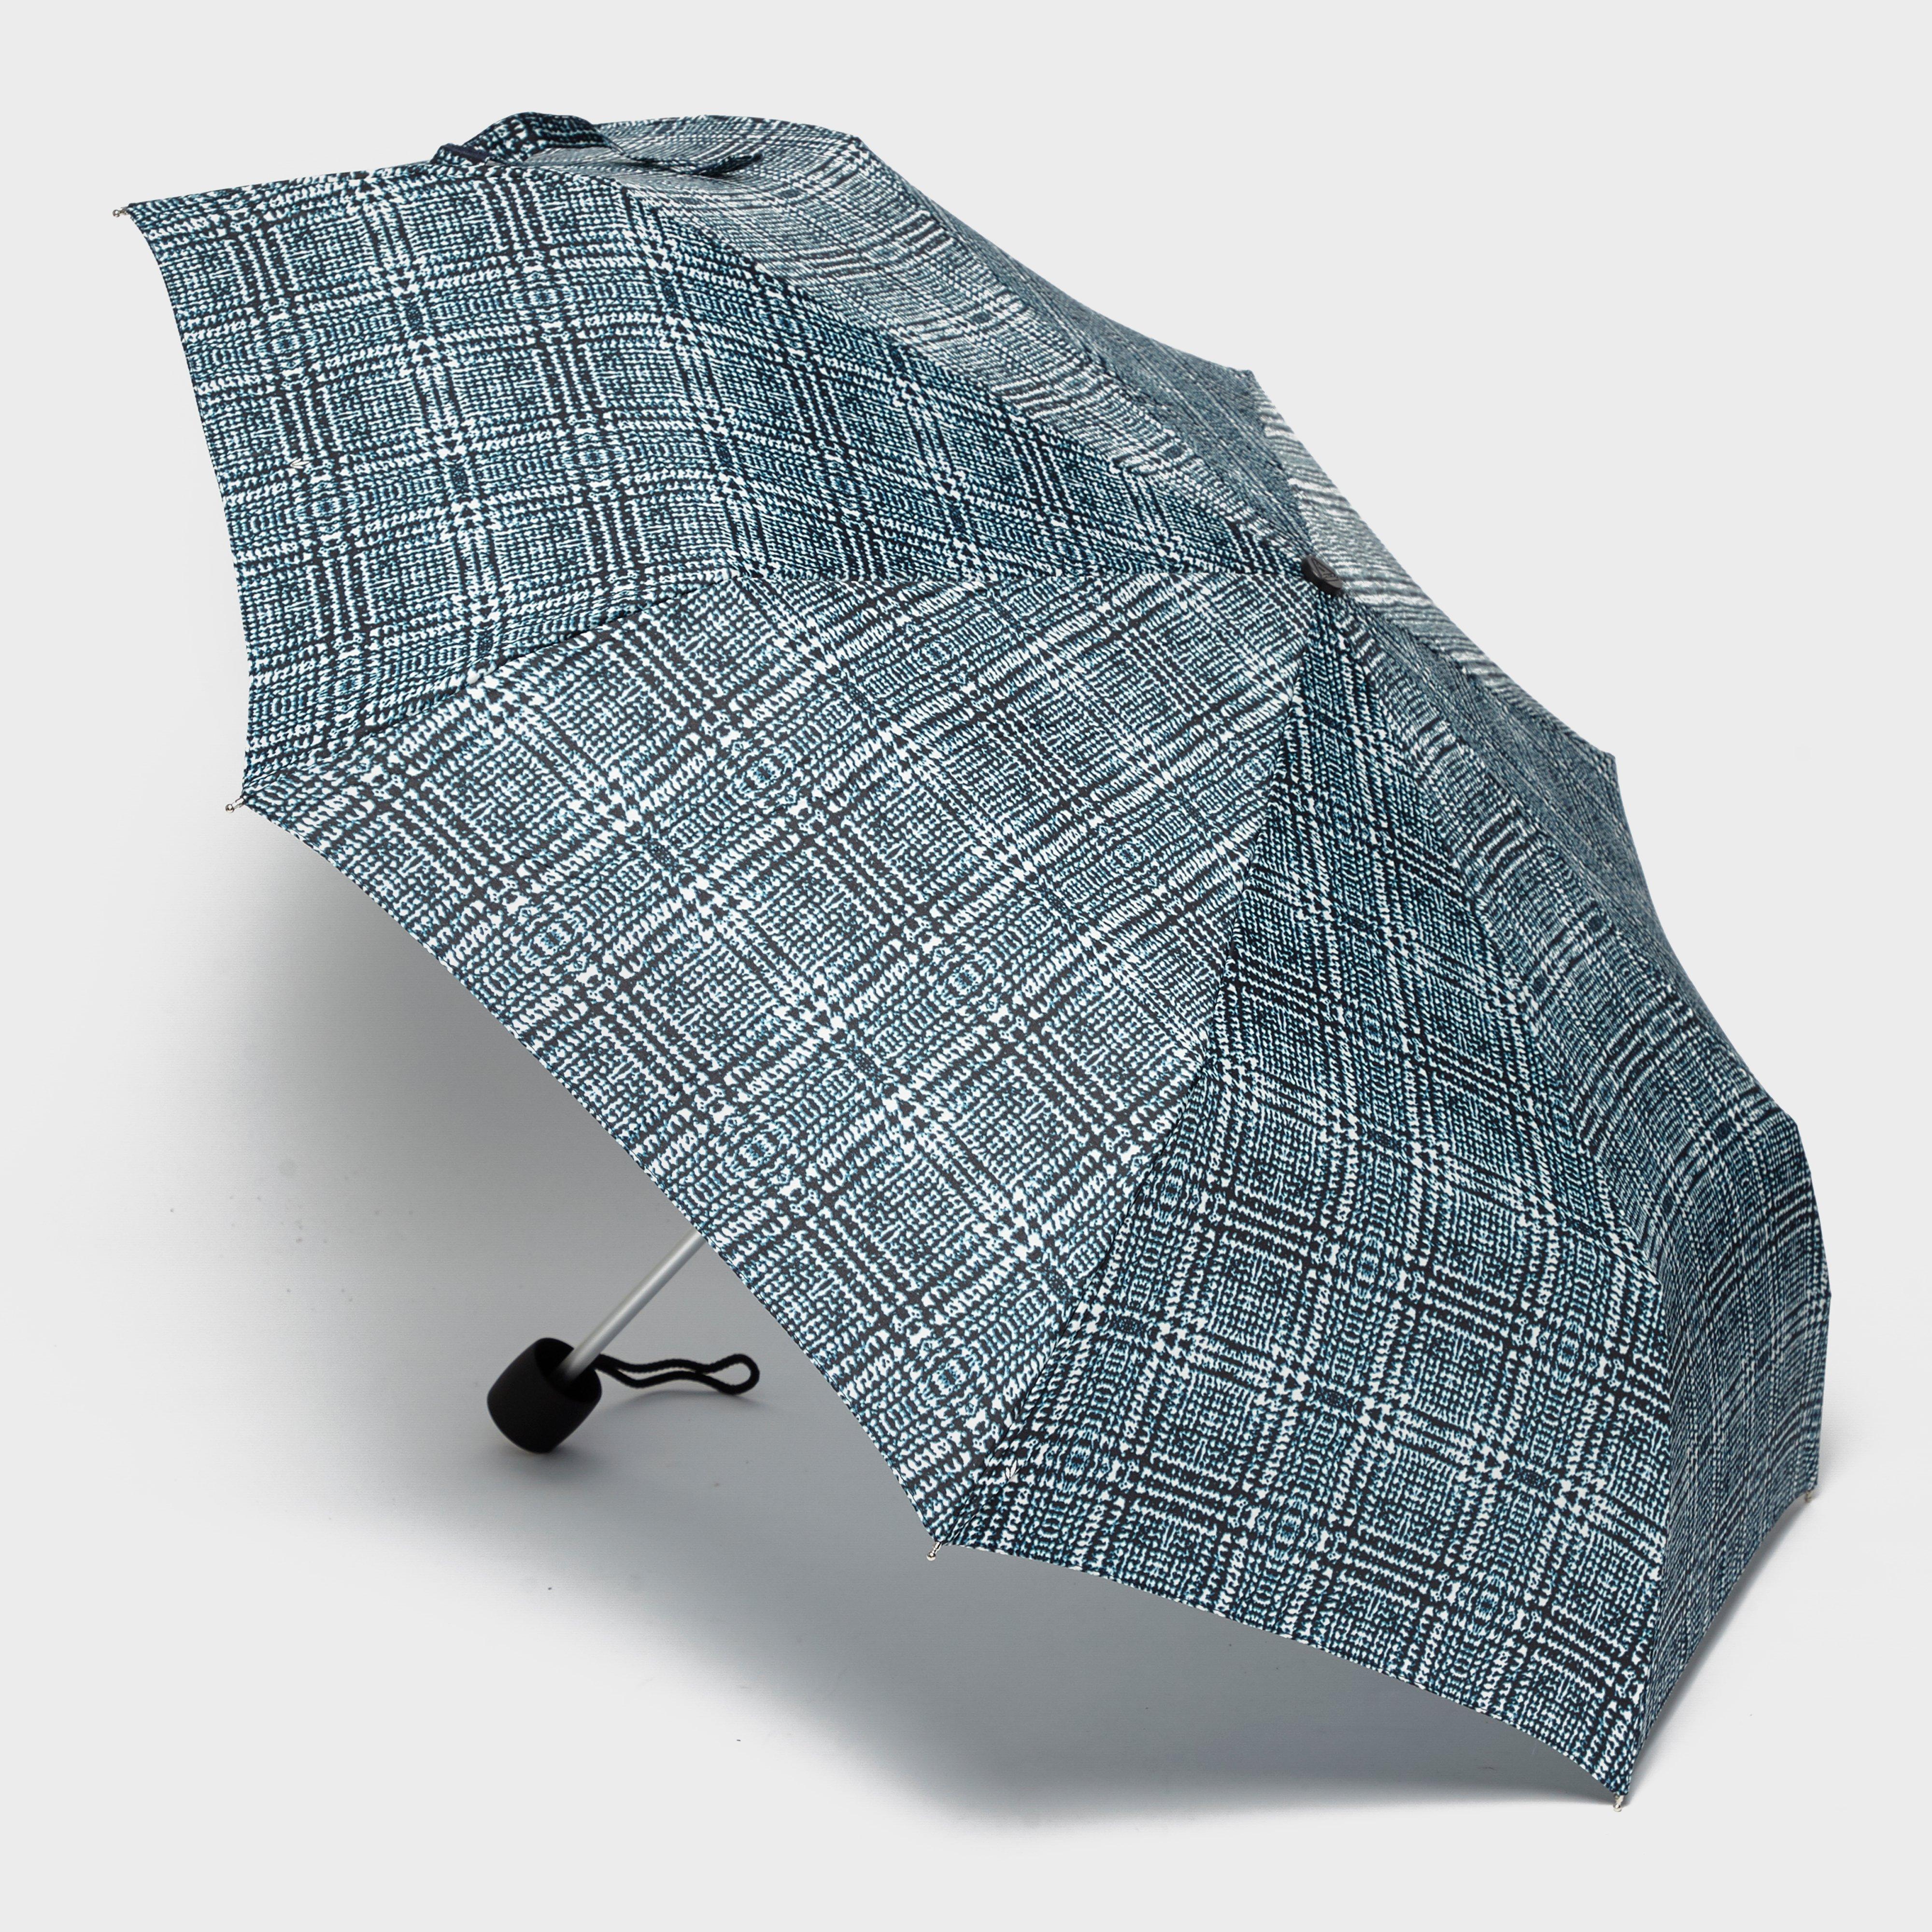 Fulton Fulton Minilite 2 Umbrella Camp - Grey, Grey